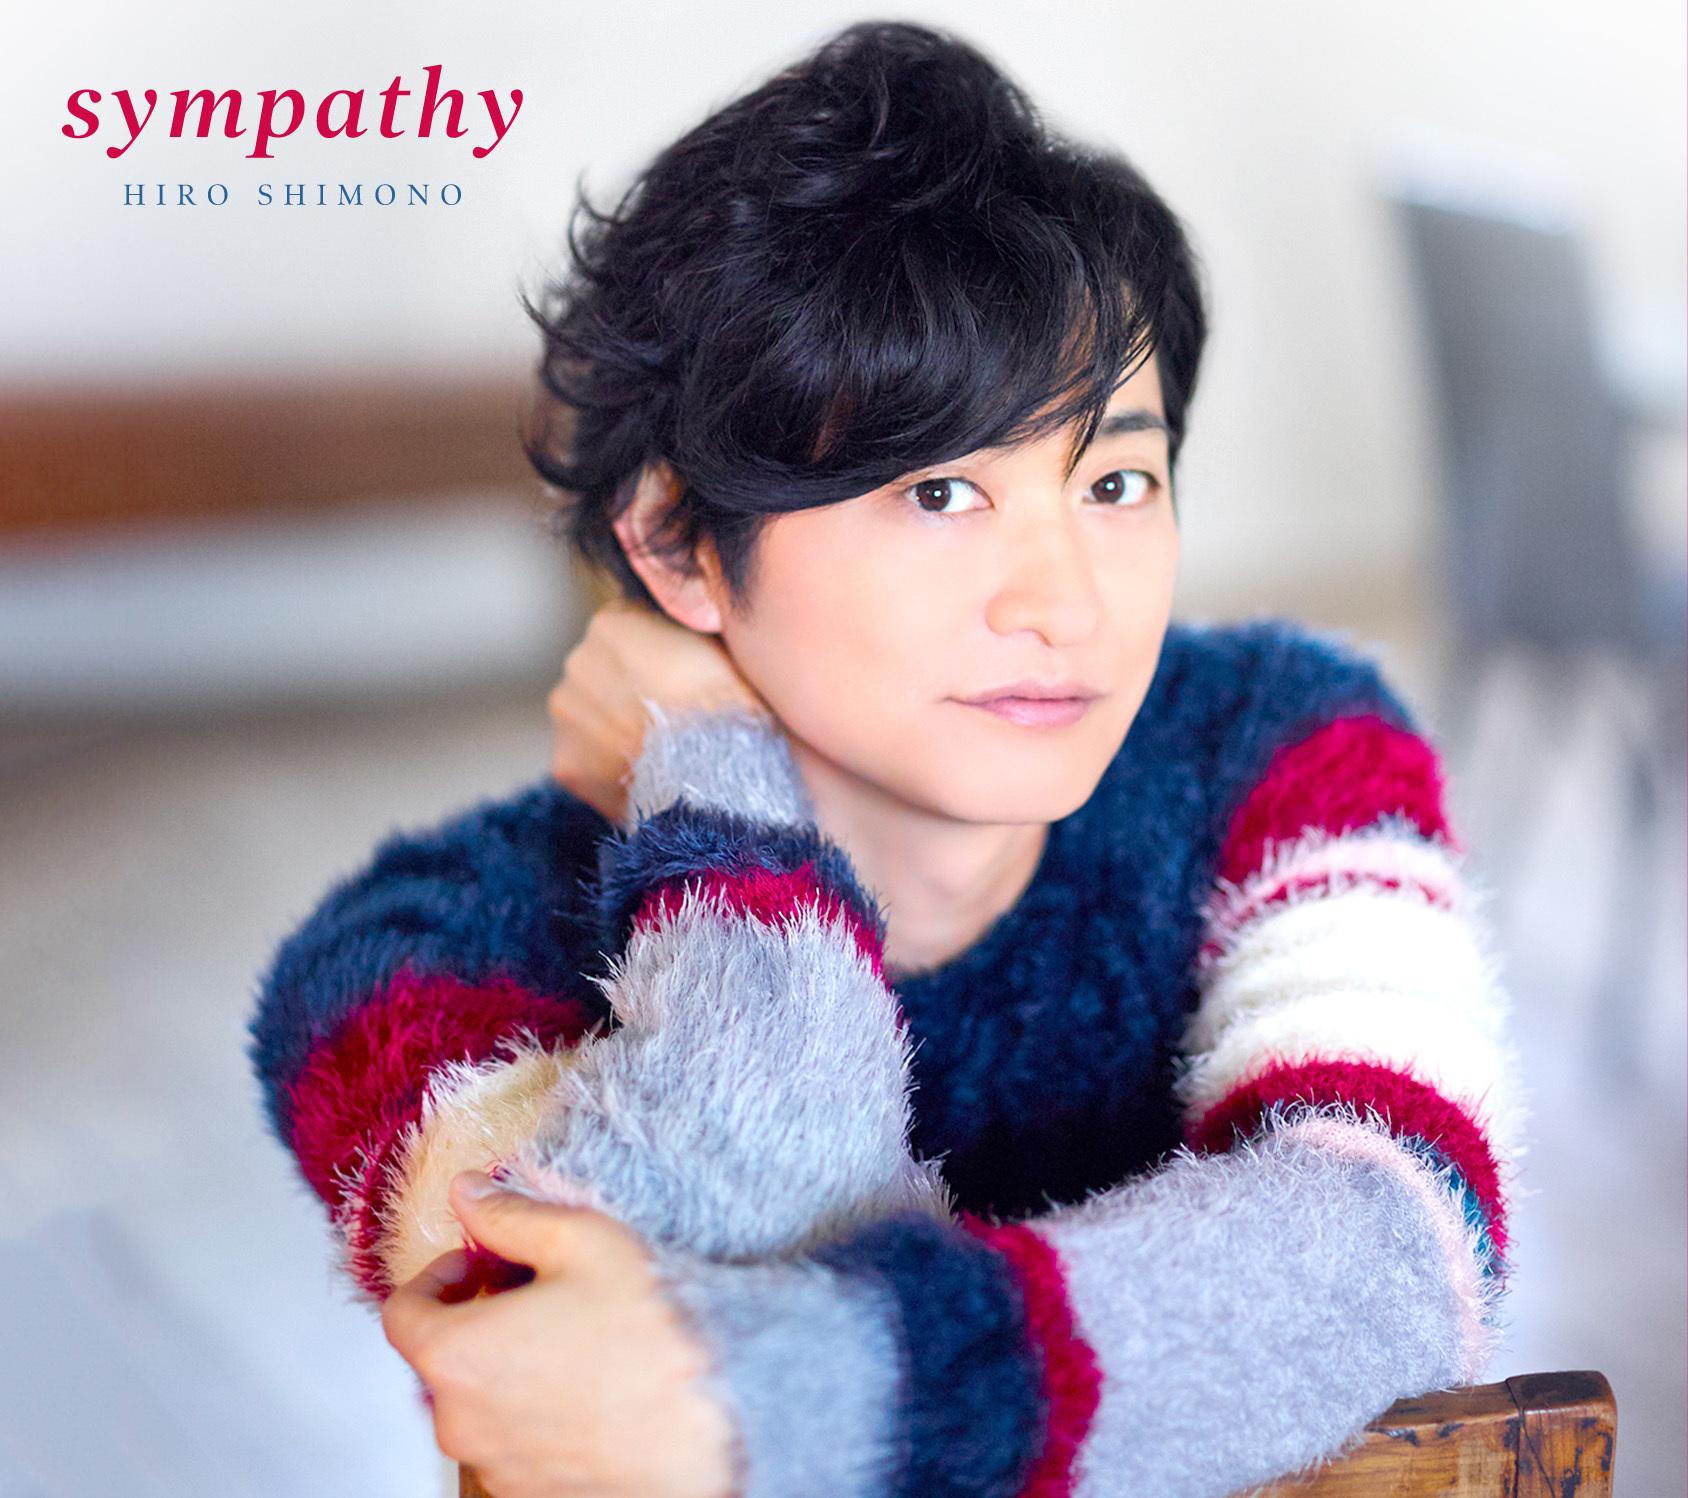 下野紘コンセプトシングル「sympathy」【きゃにめ盤A】